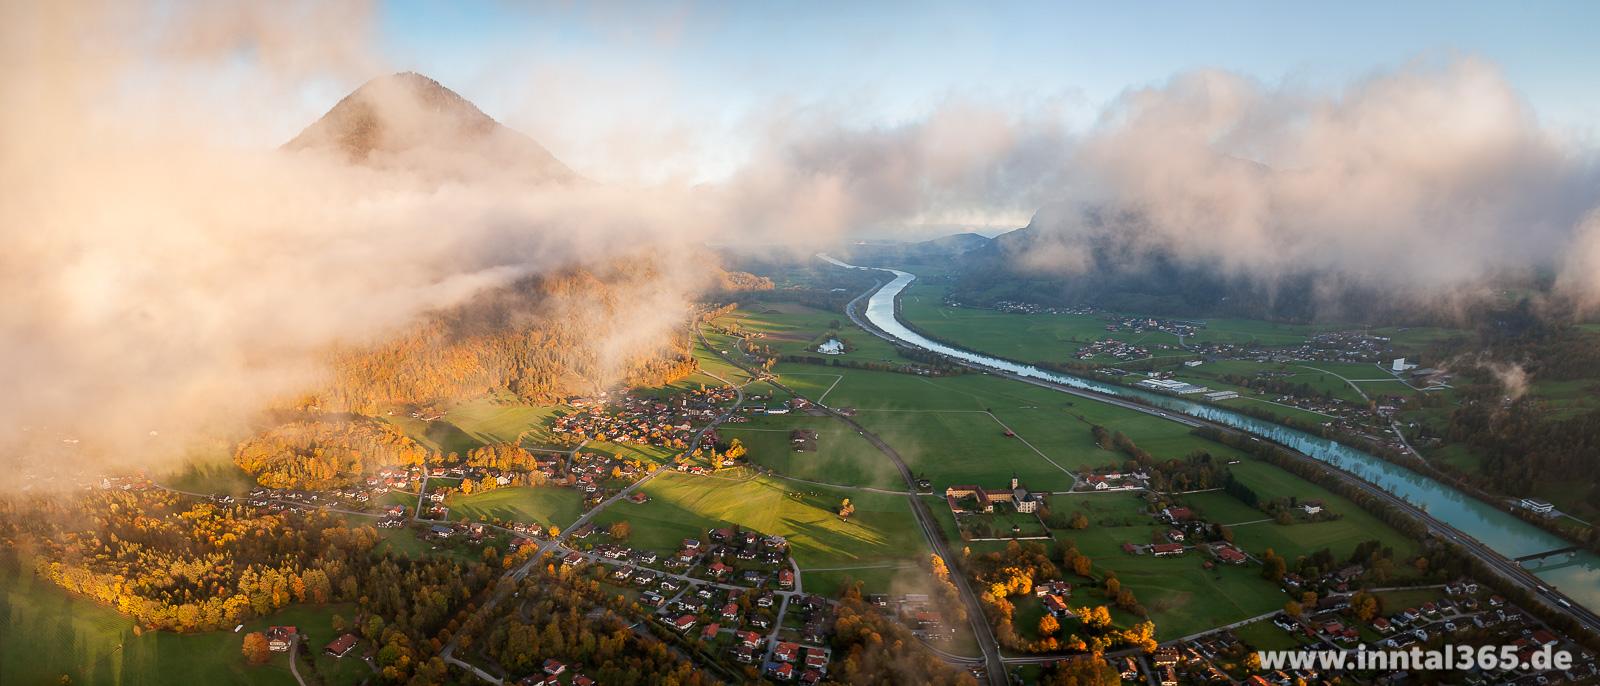 06.11.2016 - Luftbild Niederaudorf, Wildbarren und Inntal